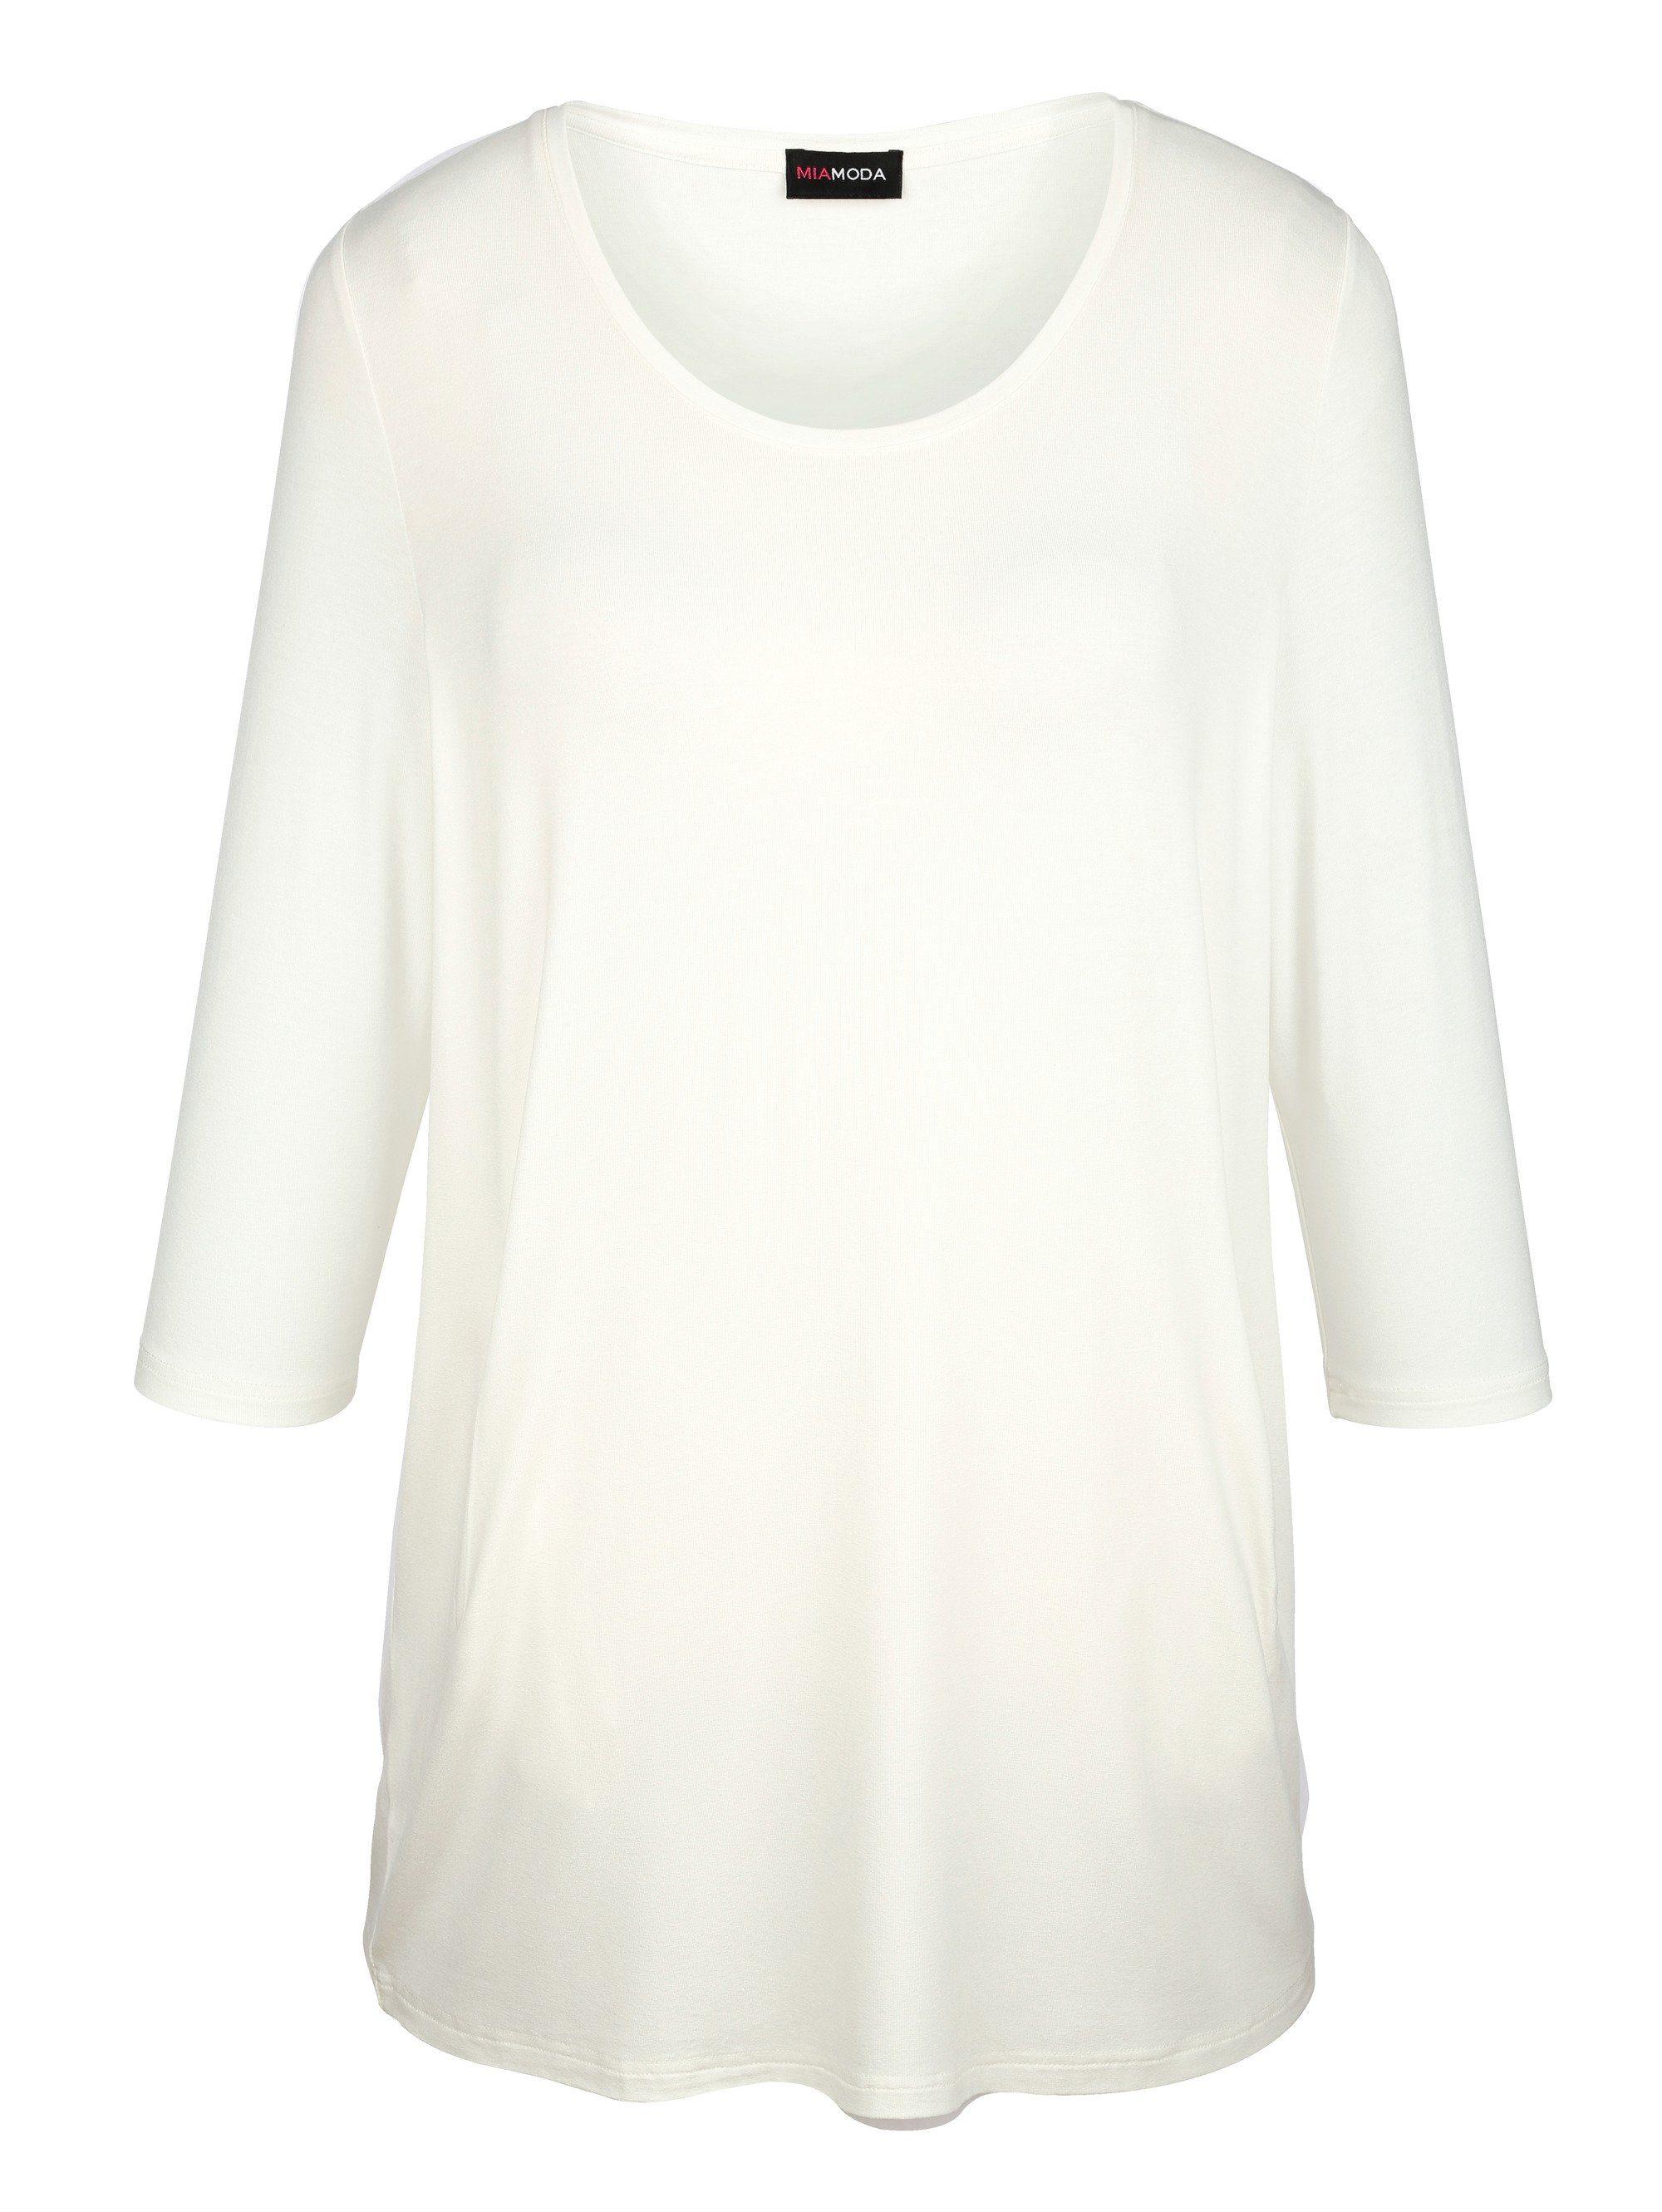 MIAMODA Longshirt mit seitlichen Eingriffstaschen | Bekleidung > Shirts > Longshirts | Beige | Miamoda